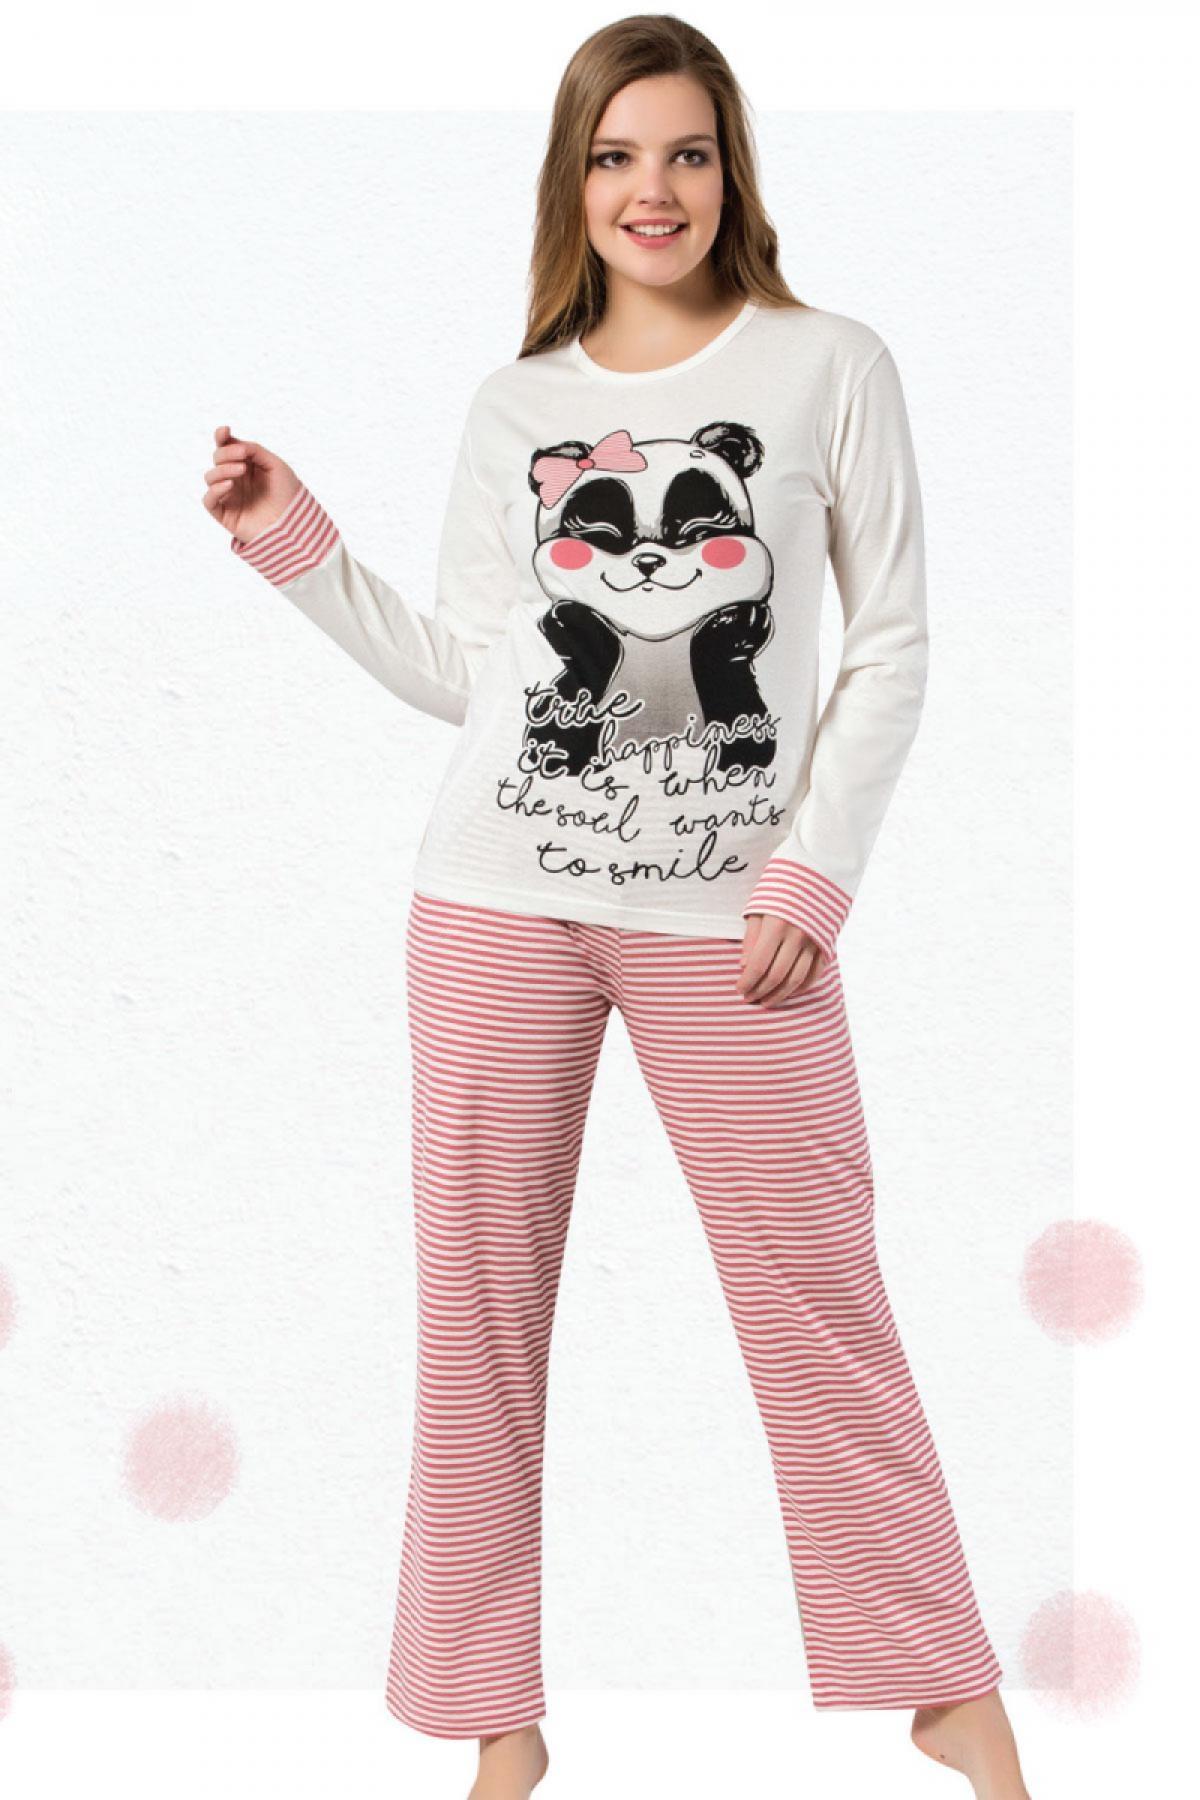 Fawn Kadın Pijama Takım Panda Desenli Uzun Kol - Gül Kurusu-Krem - Thumbnail